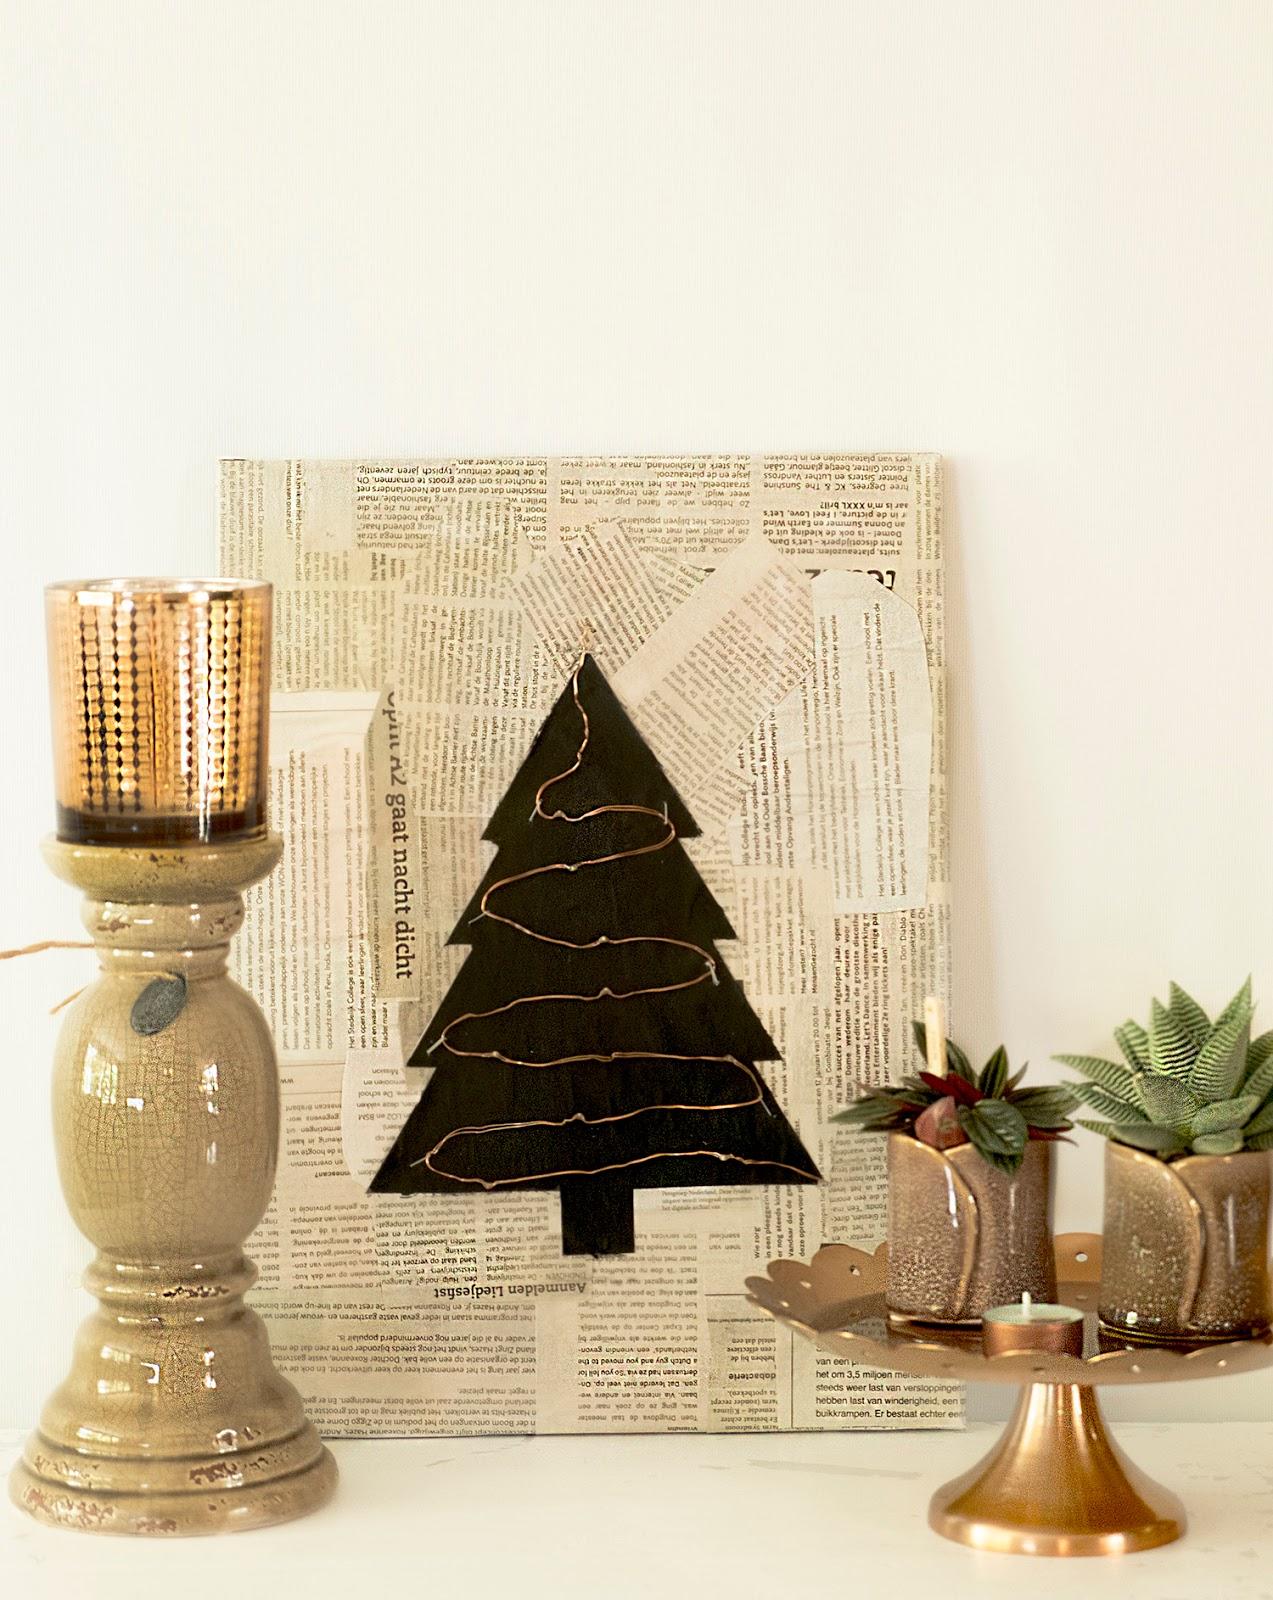 Geweldig idee voor Kerst - Diy Kerst decoratie - | ElsaRblog